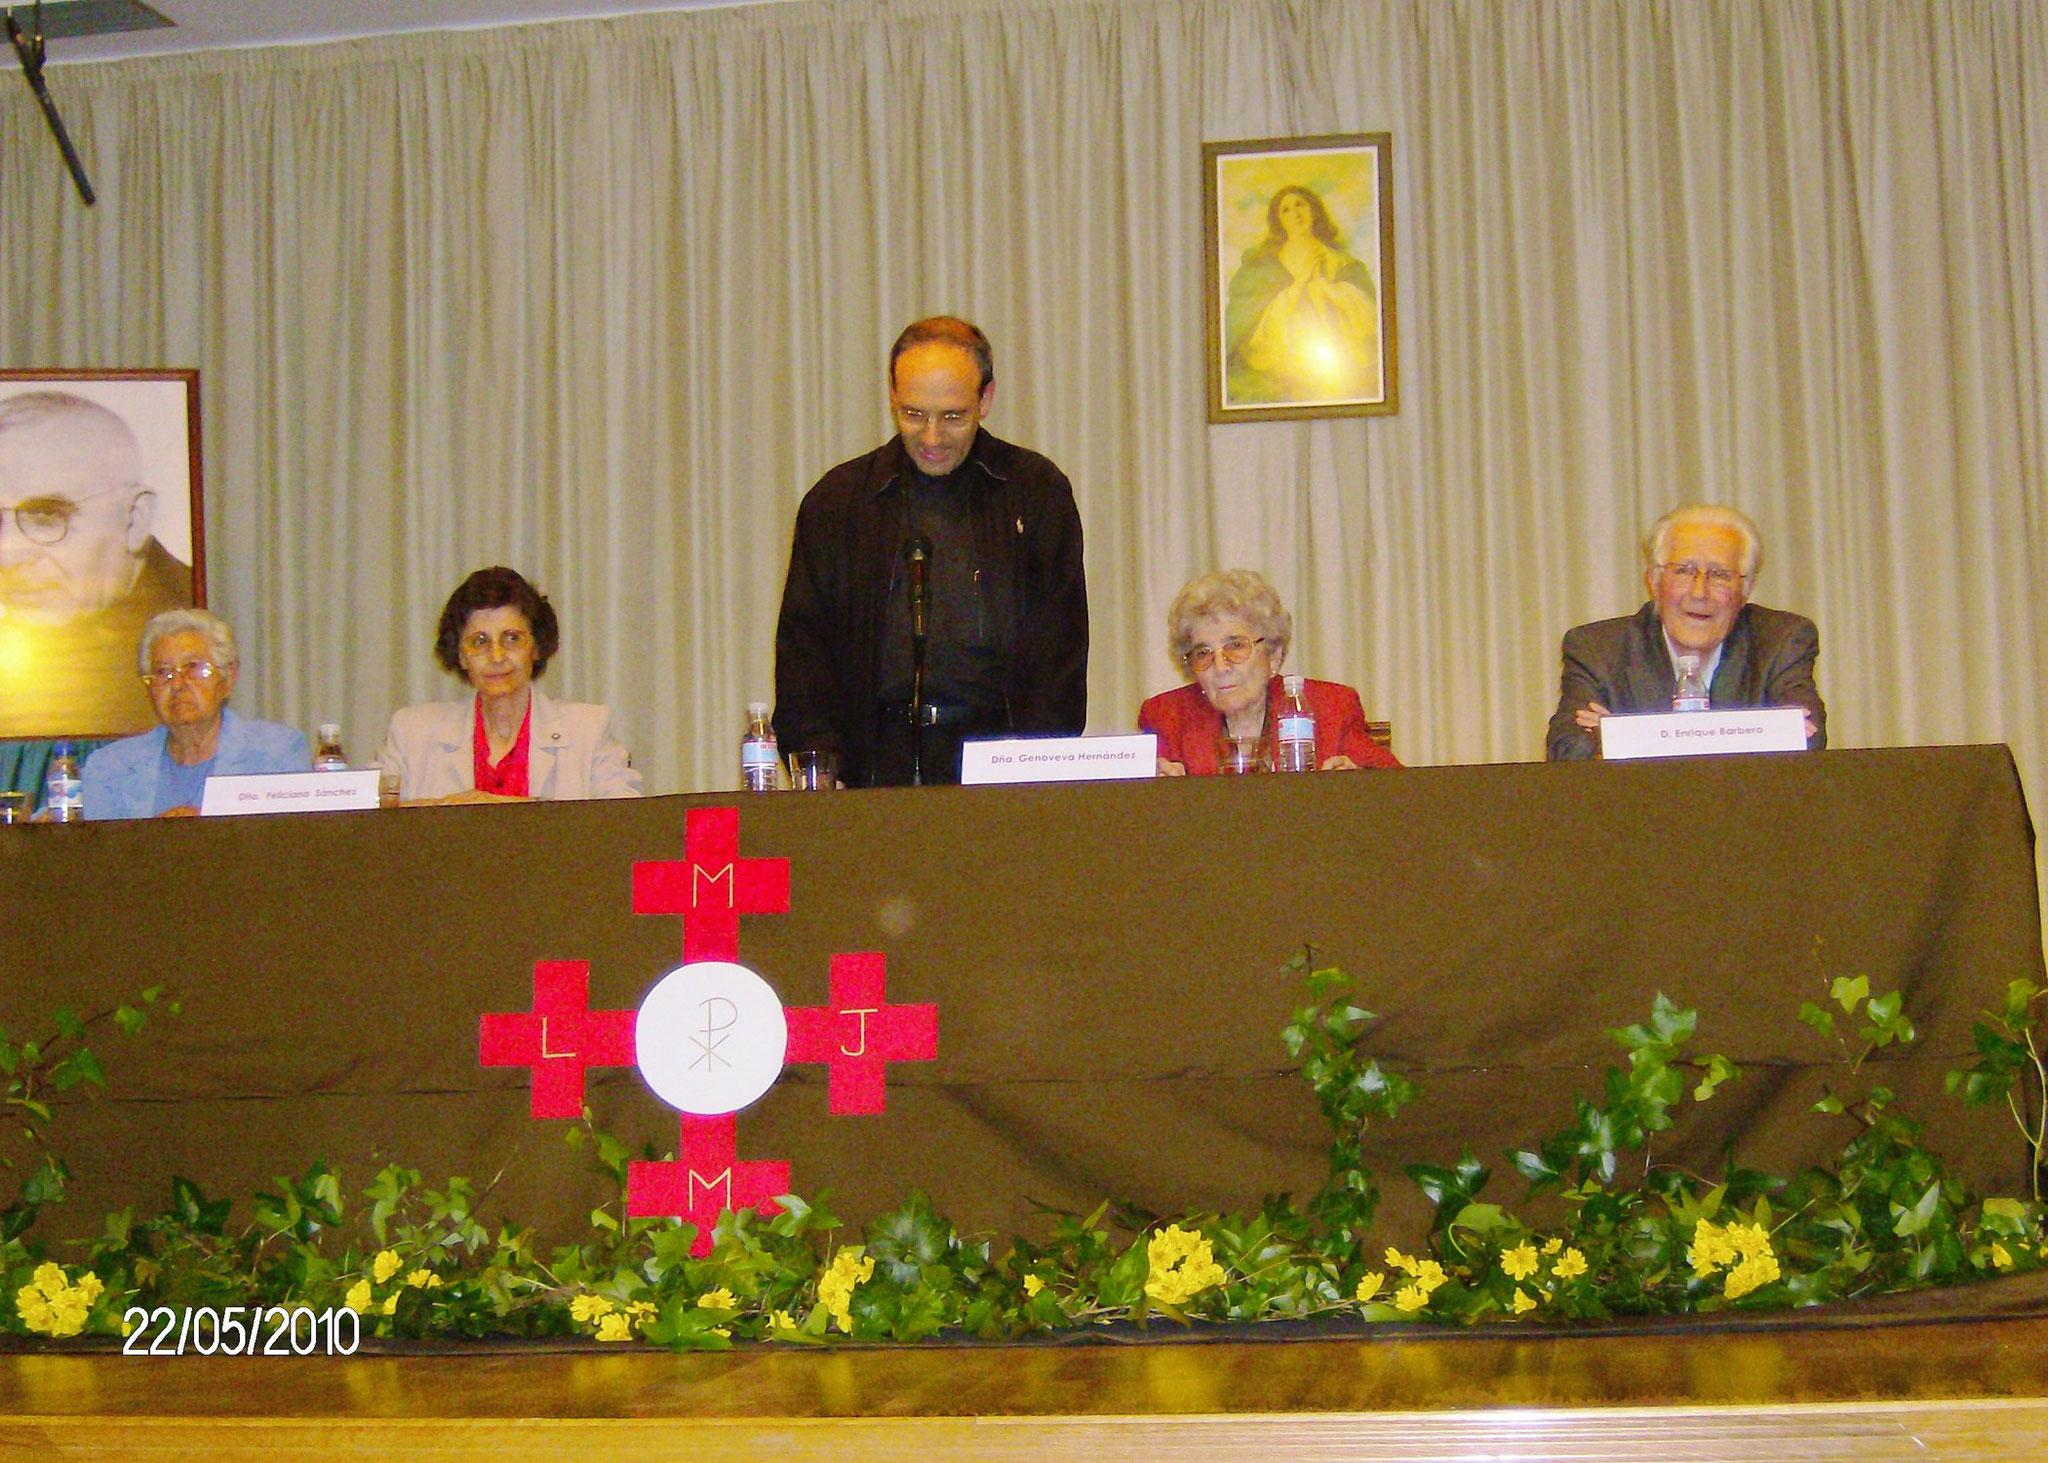 Presentación de la biografía de Ascensión escrita por Genoveva Hernández Alonso en Vollacañas el pueblo natal de Ascensión